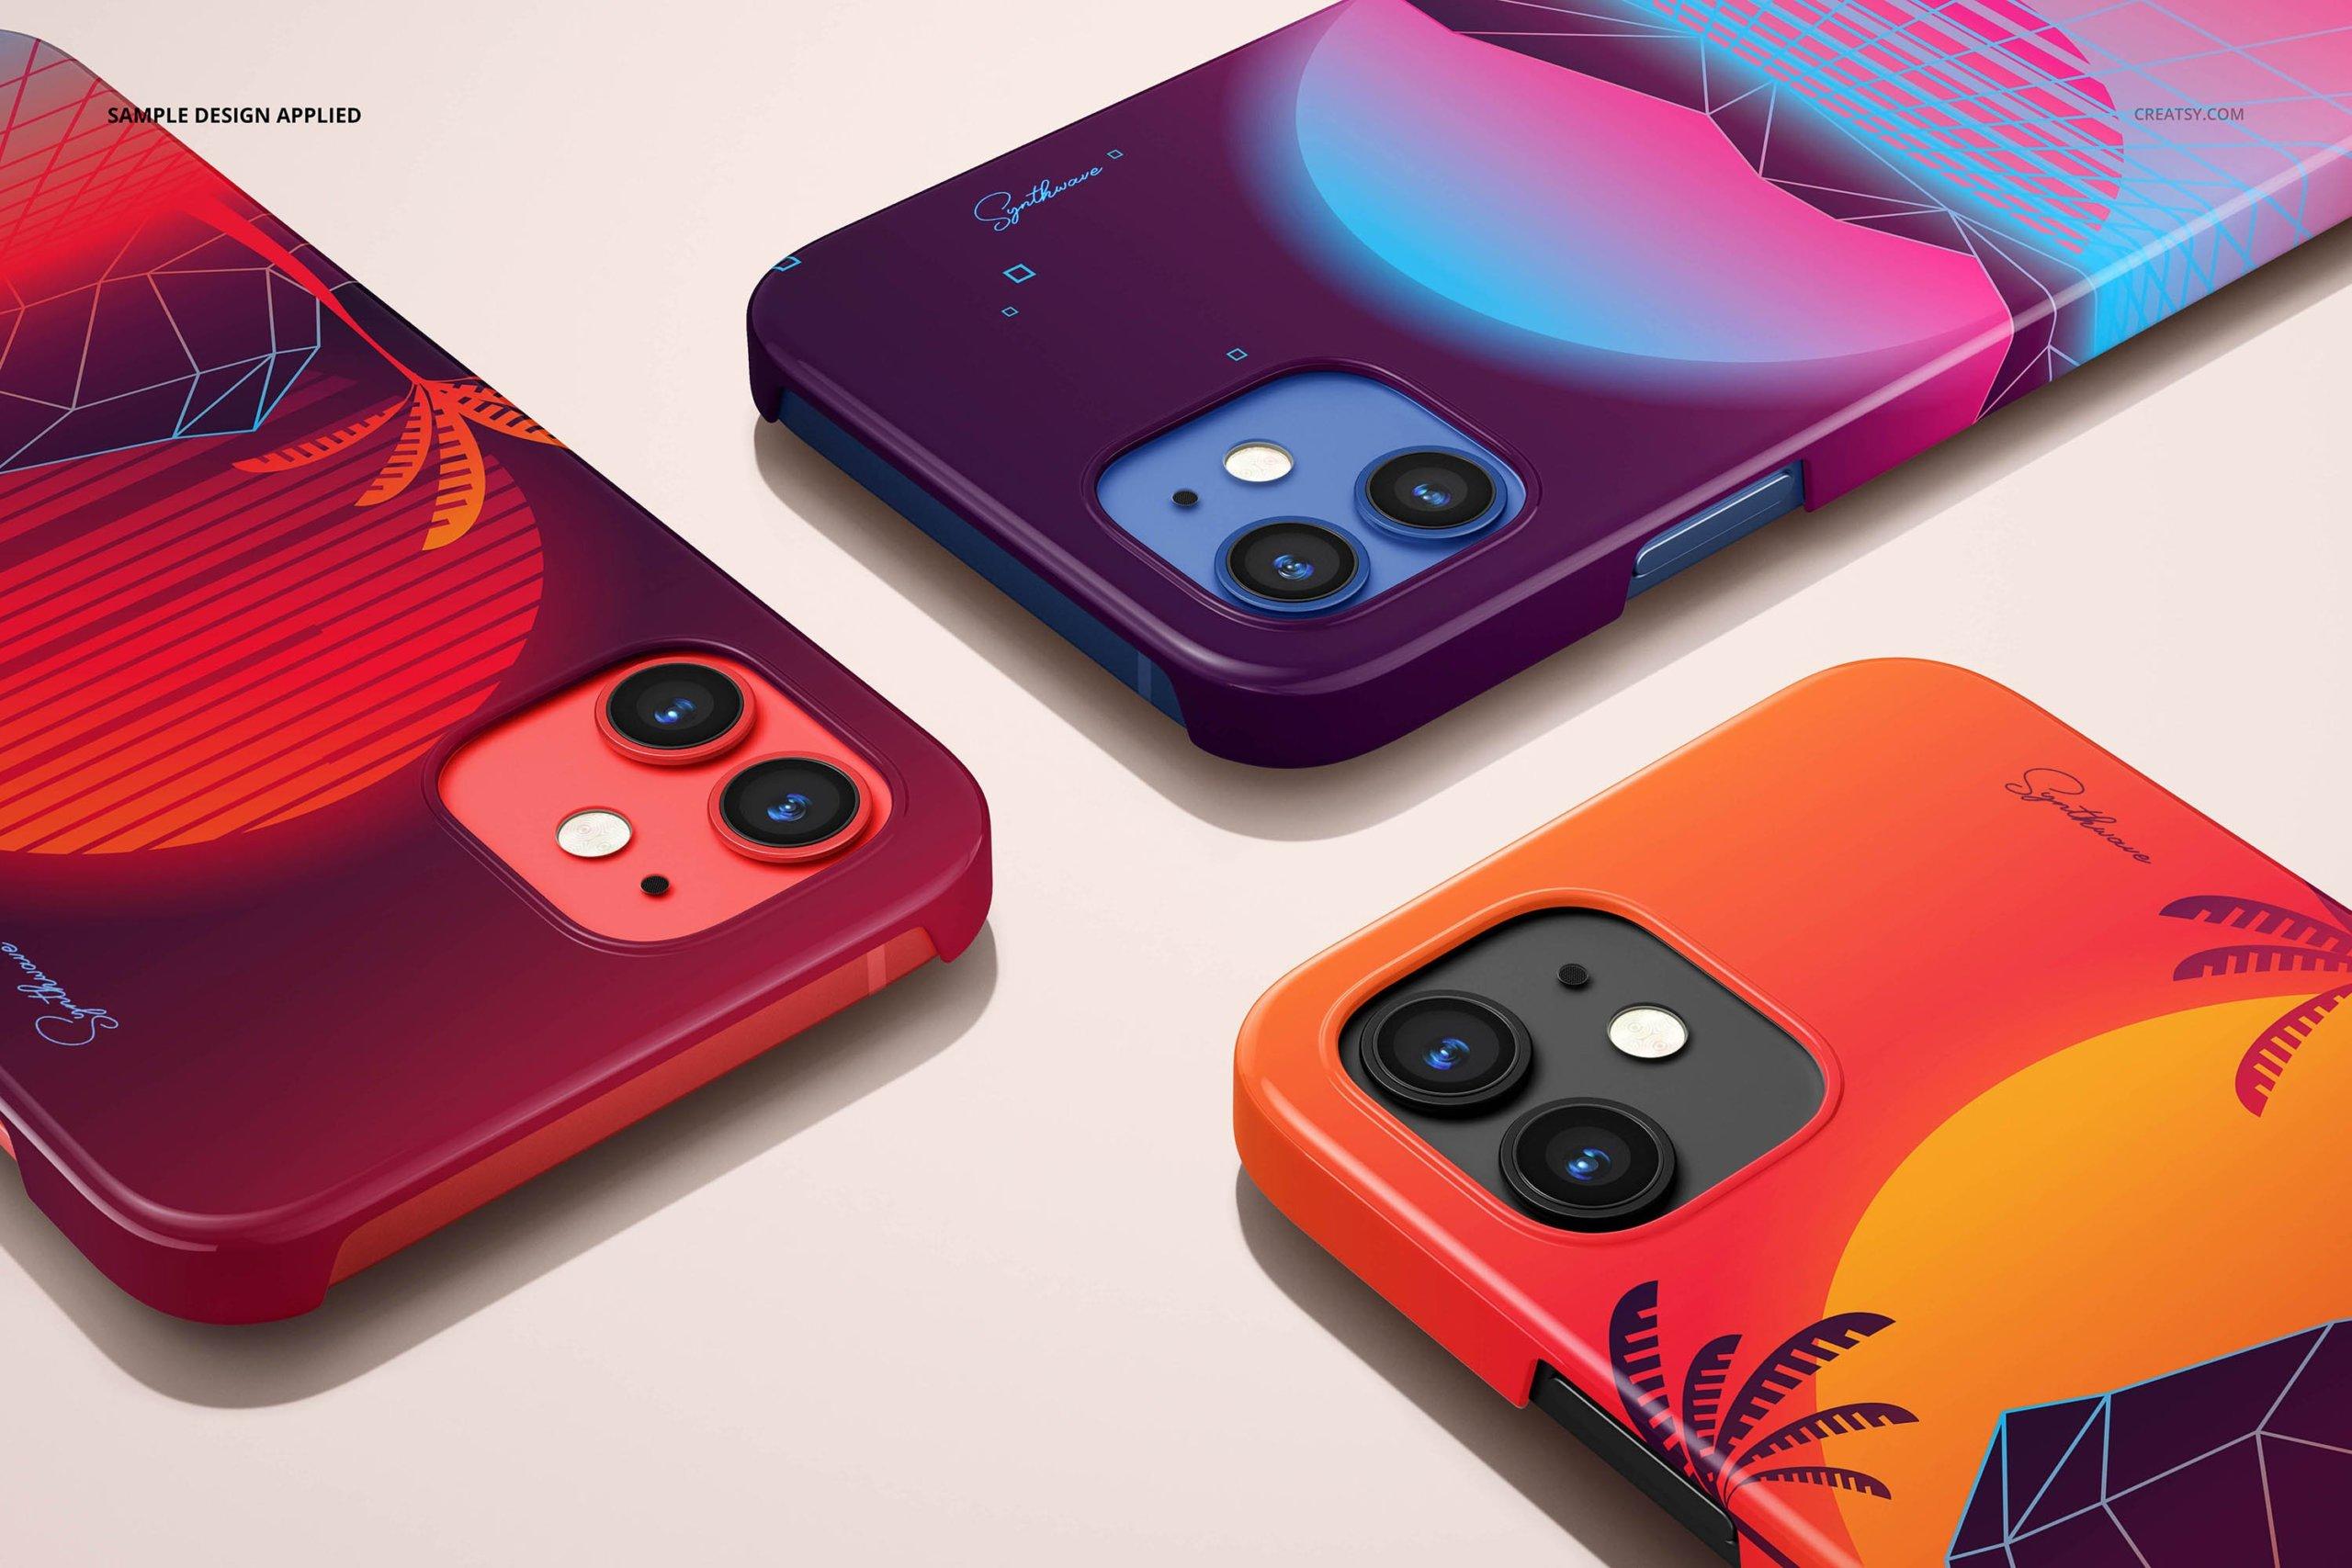 [单独购买] 26款时尚光滑苹果iPhone 12手机保护壳设计PS贴图样机模板素材 iPhone 12 Glossy Snap Case 1 Mockup插图7